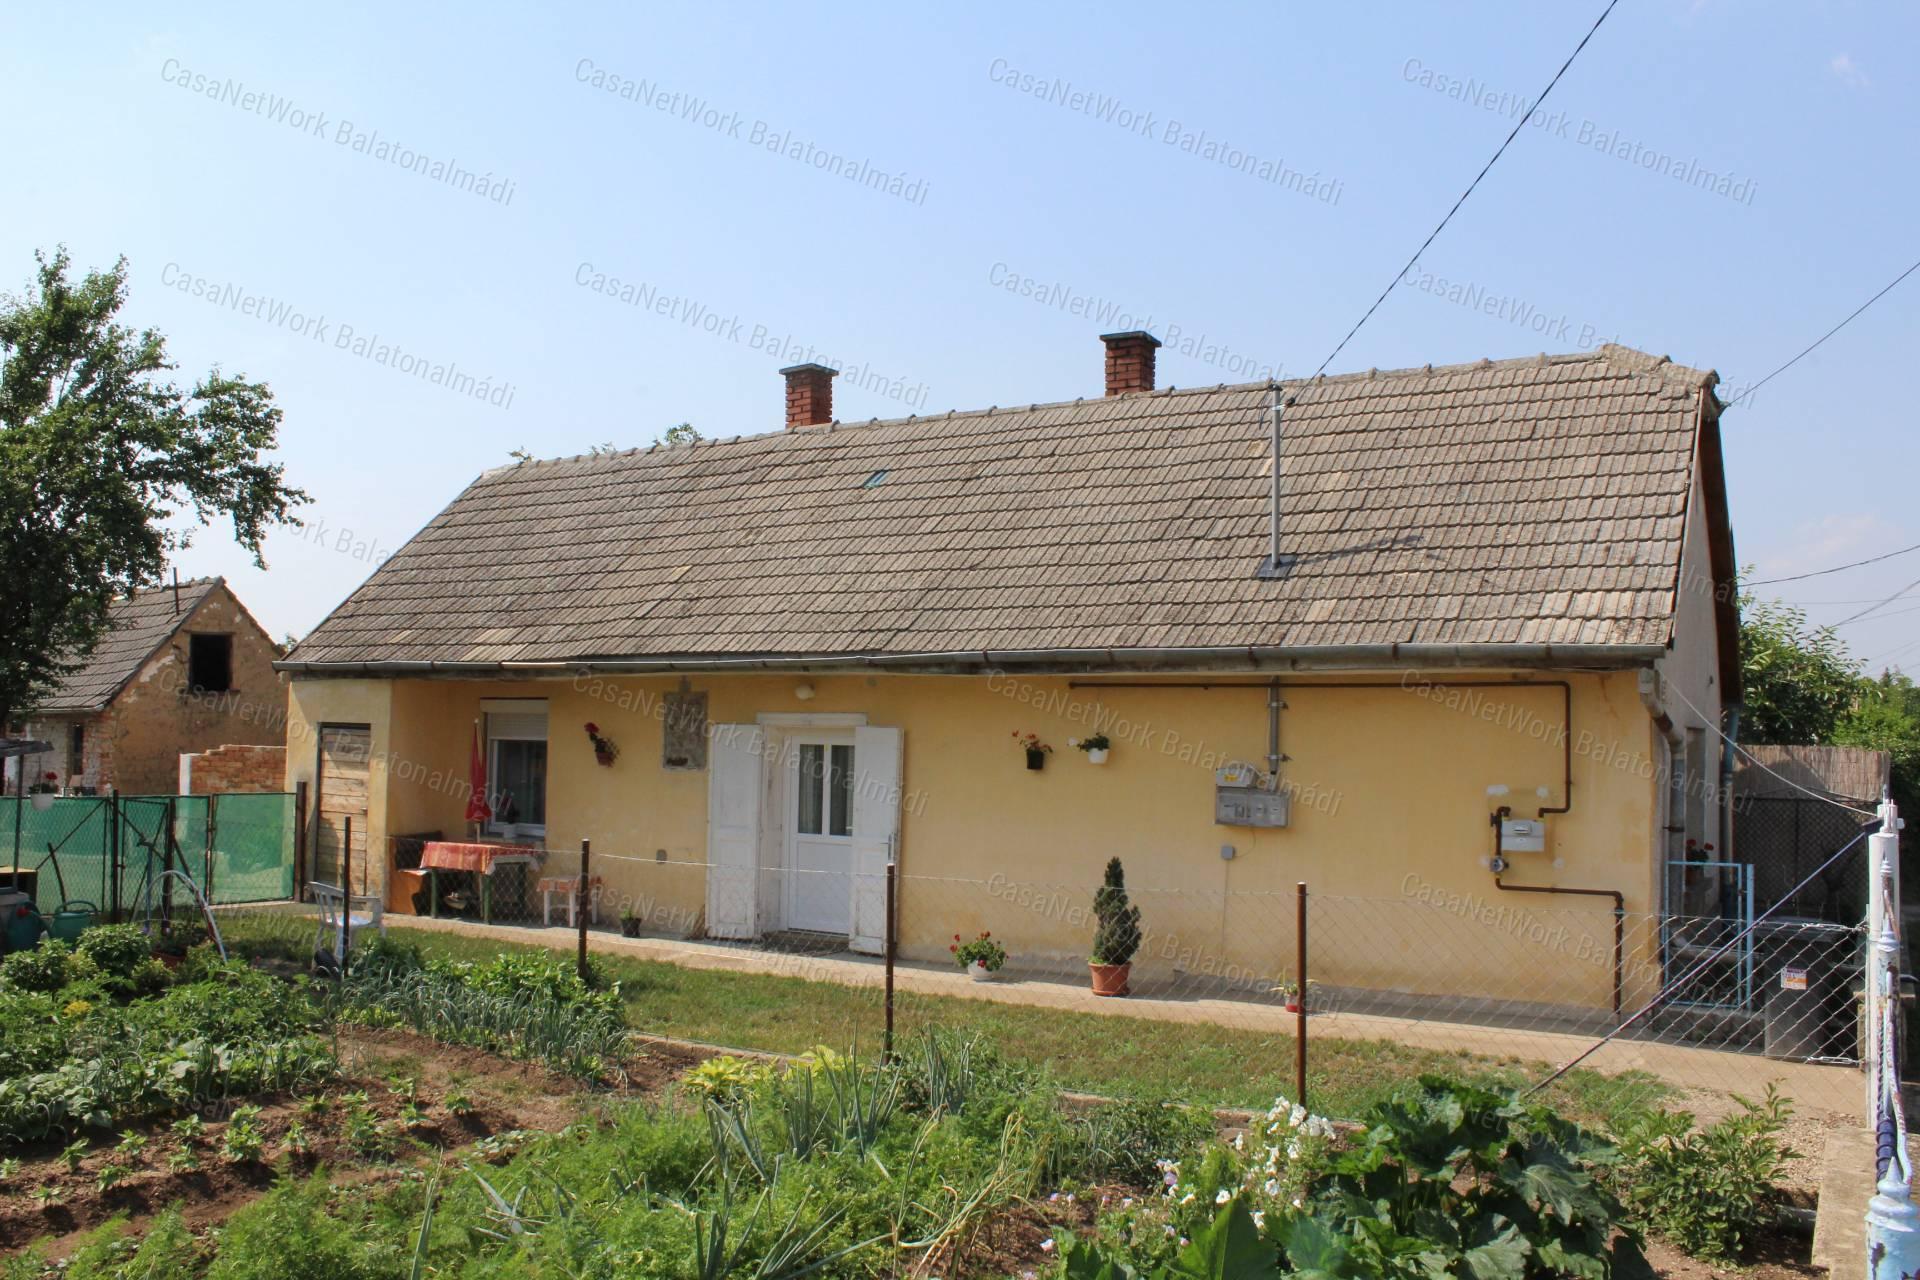 Eladó családi ház, Veszprém megye, Berhida - sz.: 163700904 - CasaNetWork.hu